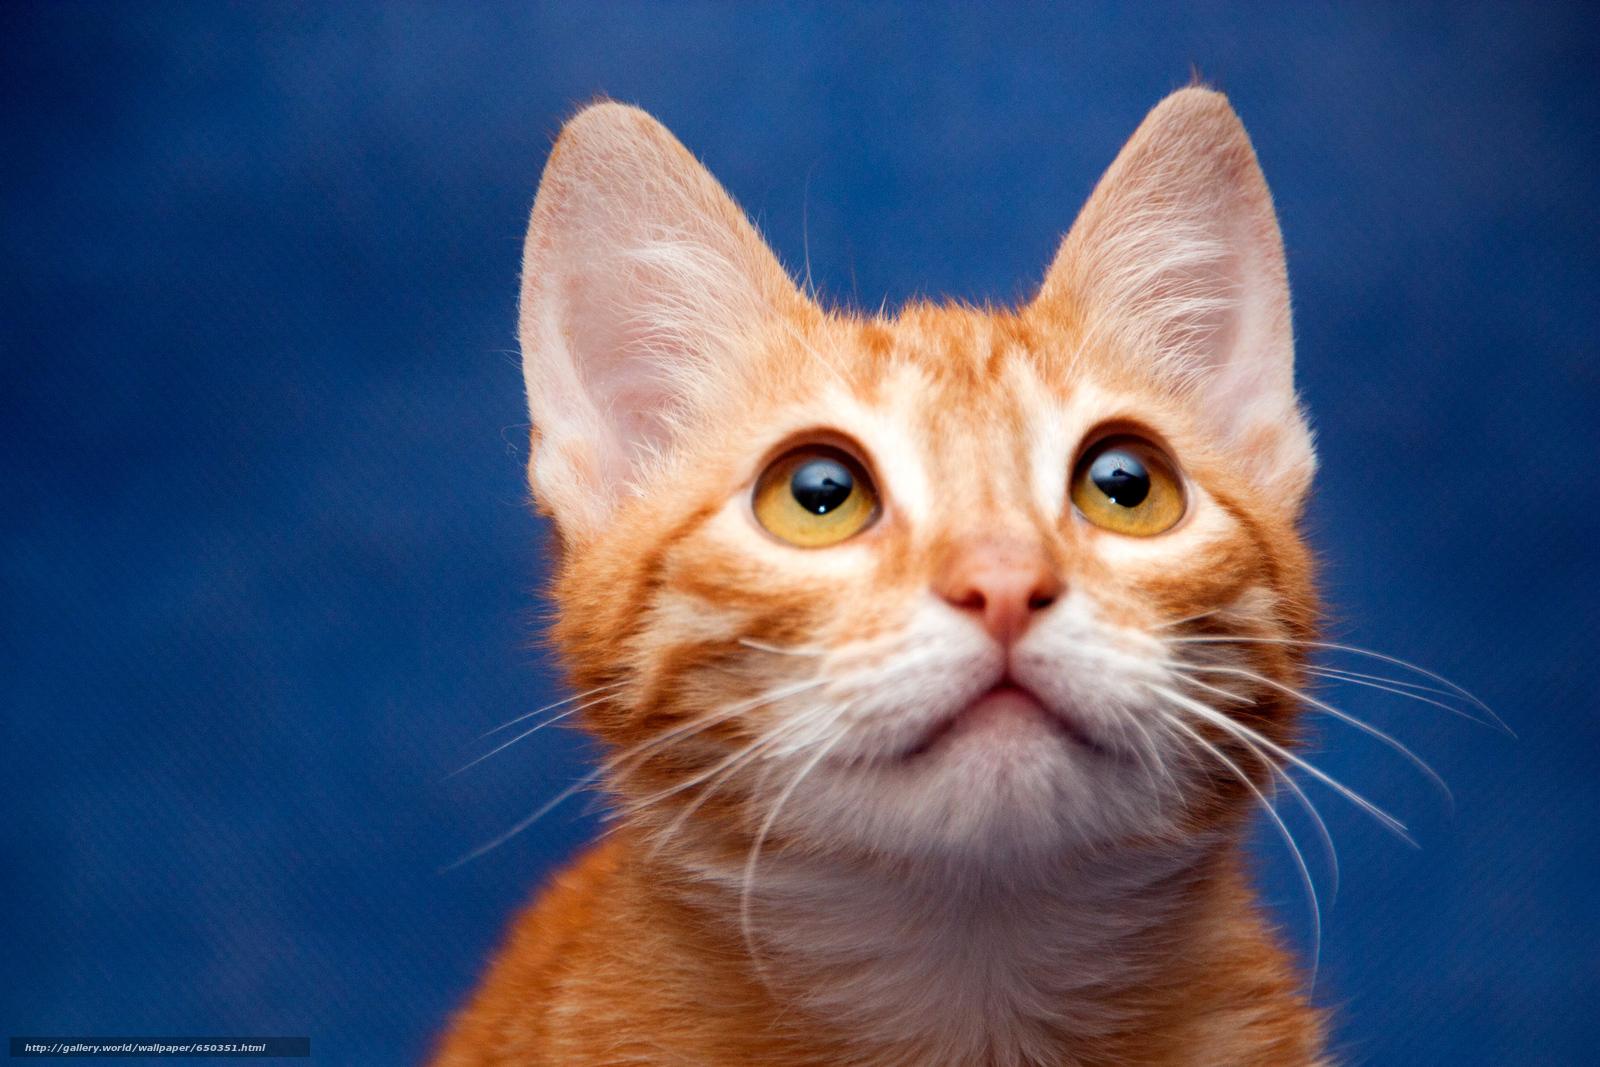 scaricare gli sfondi COTE,  gatto,  gatto,  gattino Sfondi gratis per la risoluzione del desktop 2500x1667 — immagine №650351